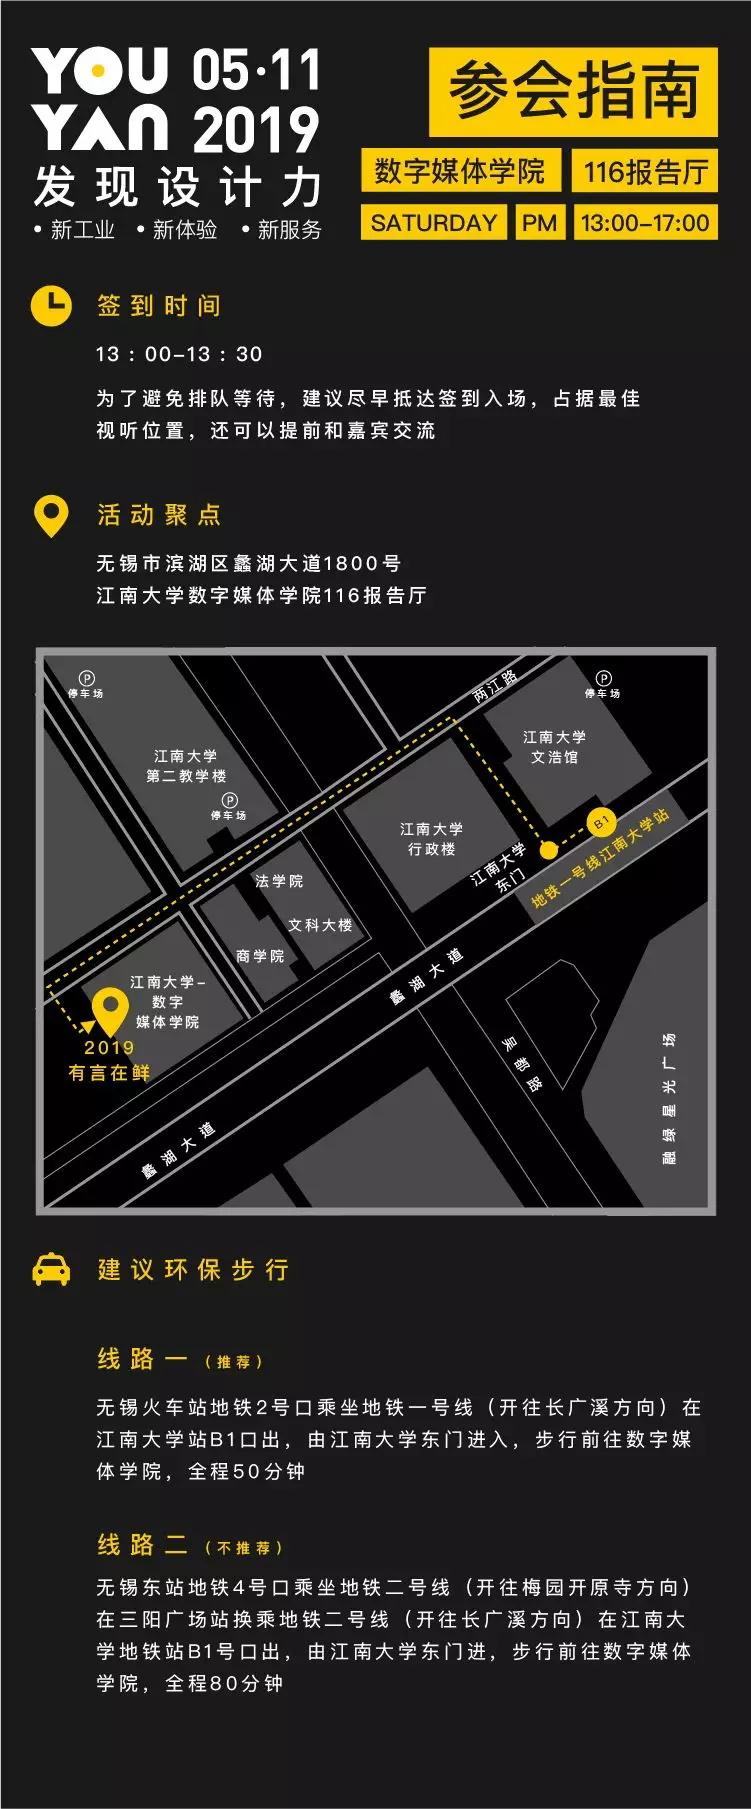 有言在鲜·2019发现设计力开启江南大学站!